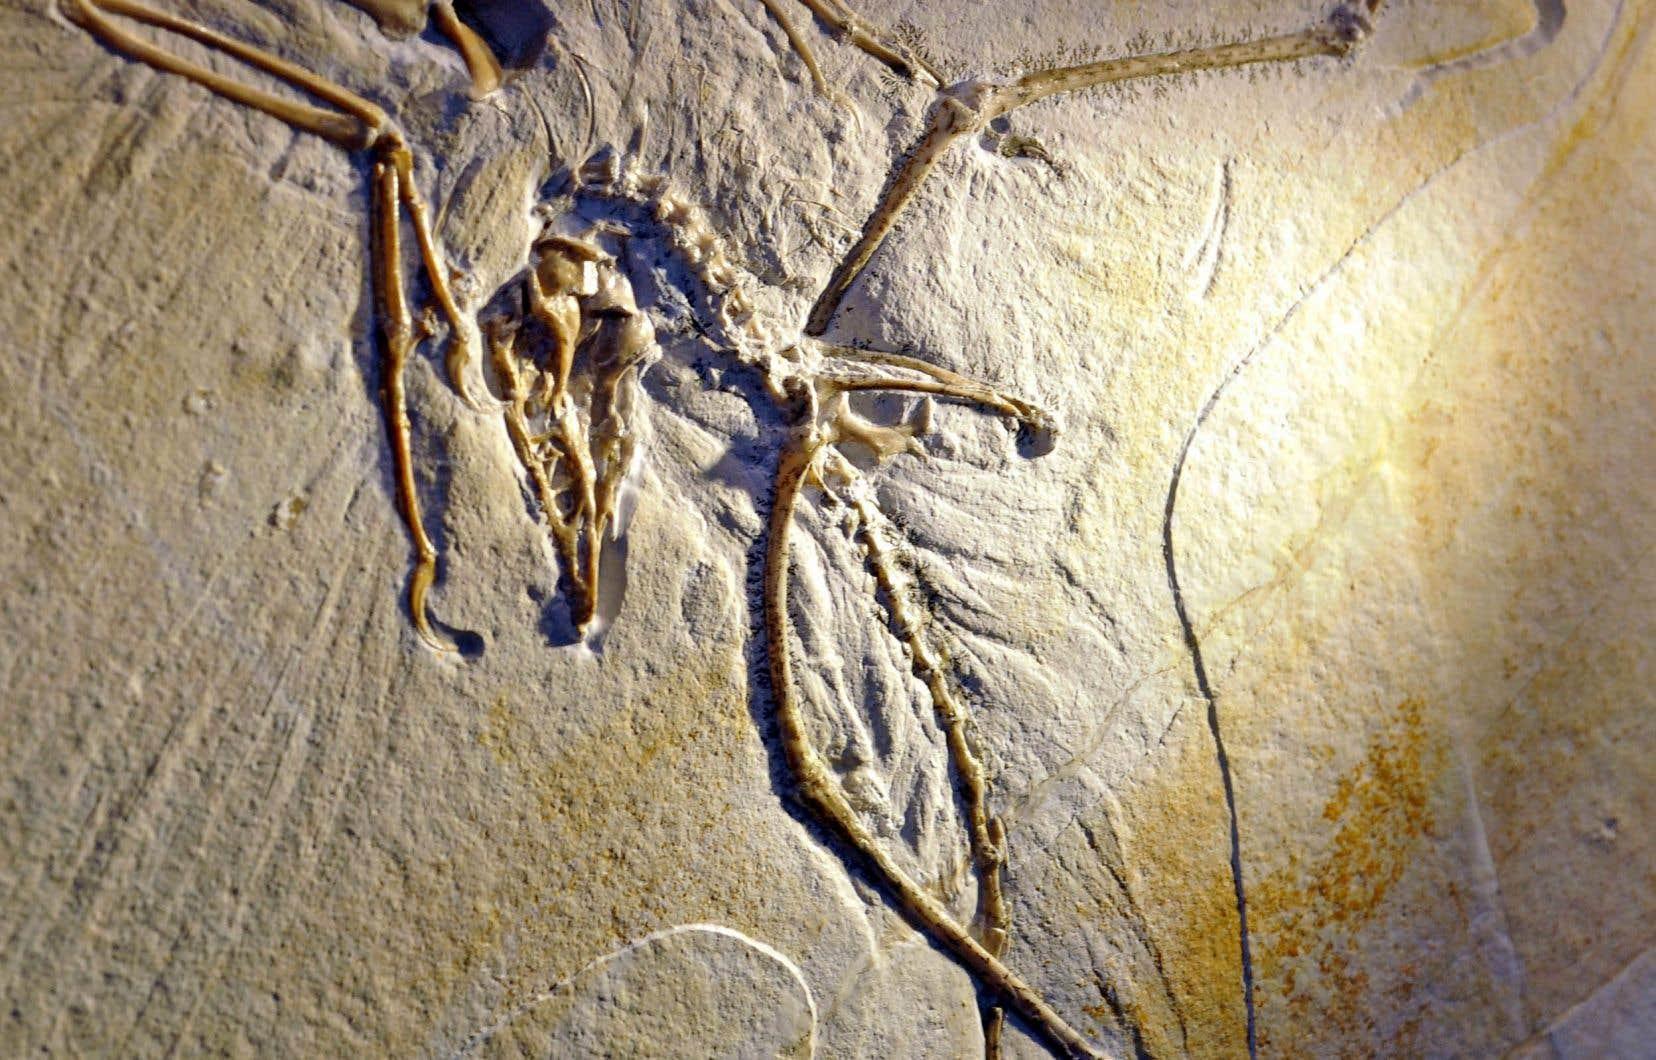 L'Archéoptéryx était un petit dinosaure à plumes de la taille d'un corbeau, qui vivait il y a environ 150millions d'années.